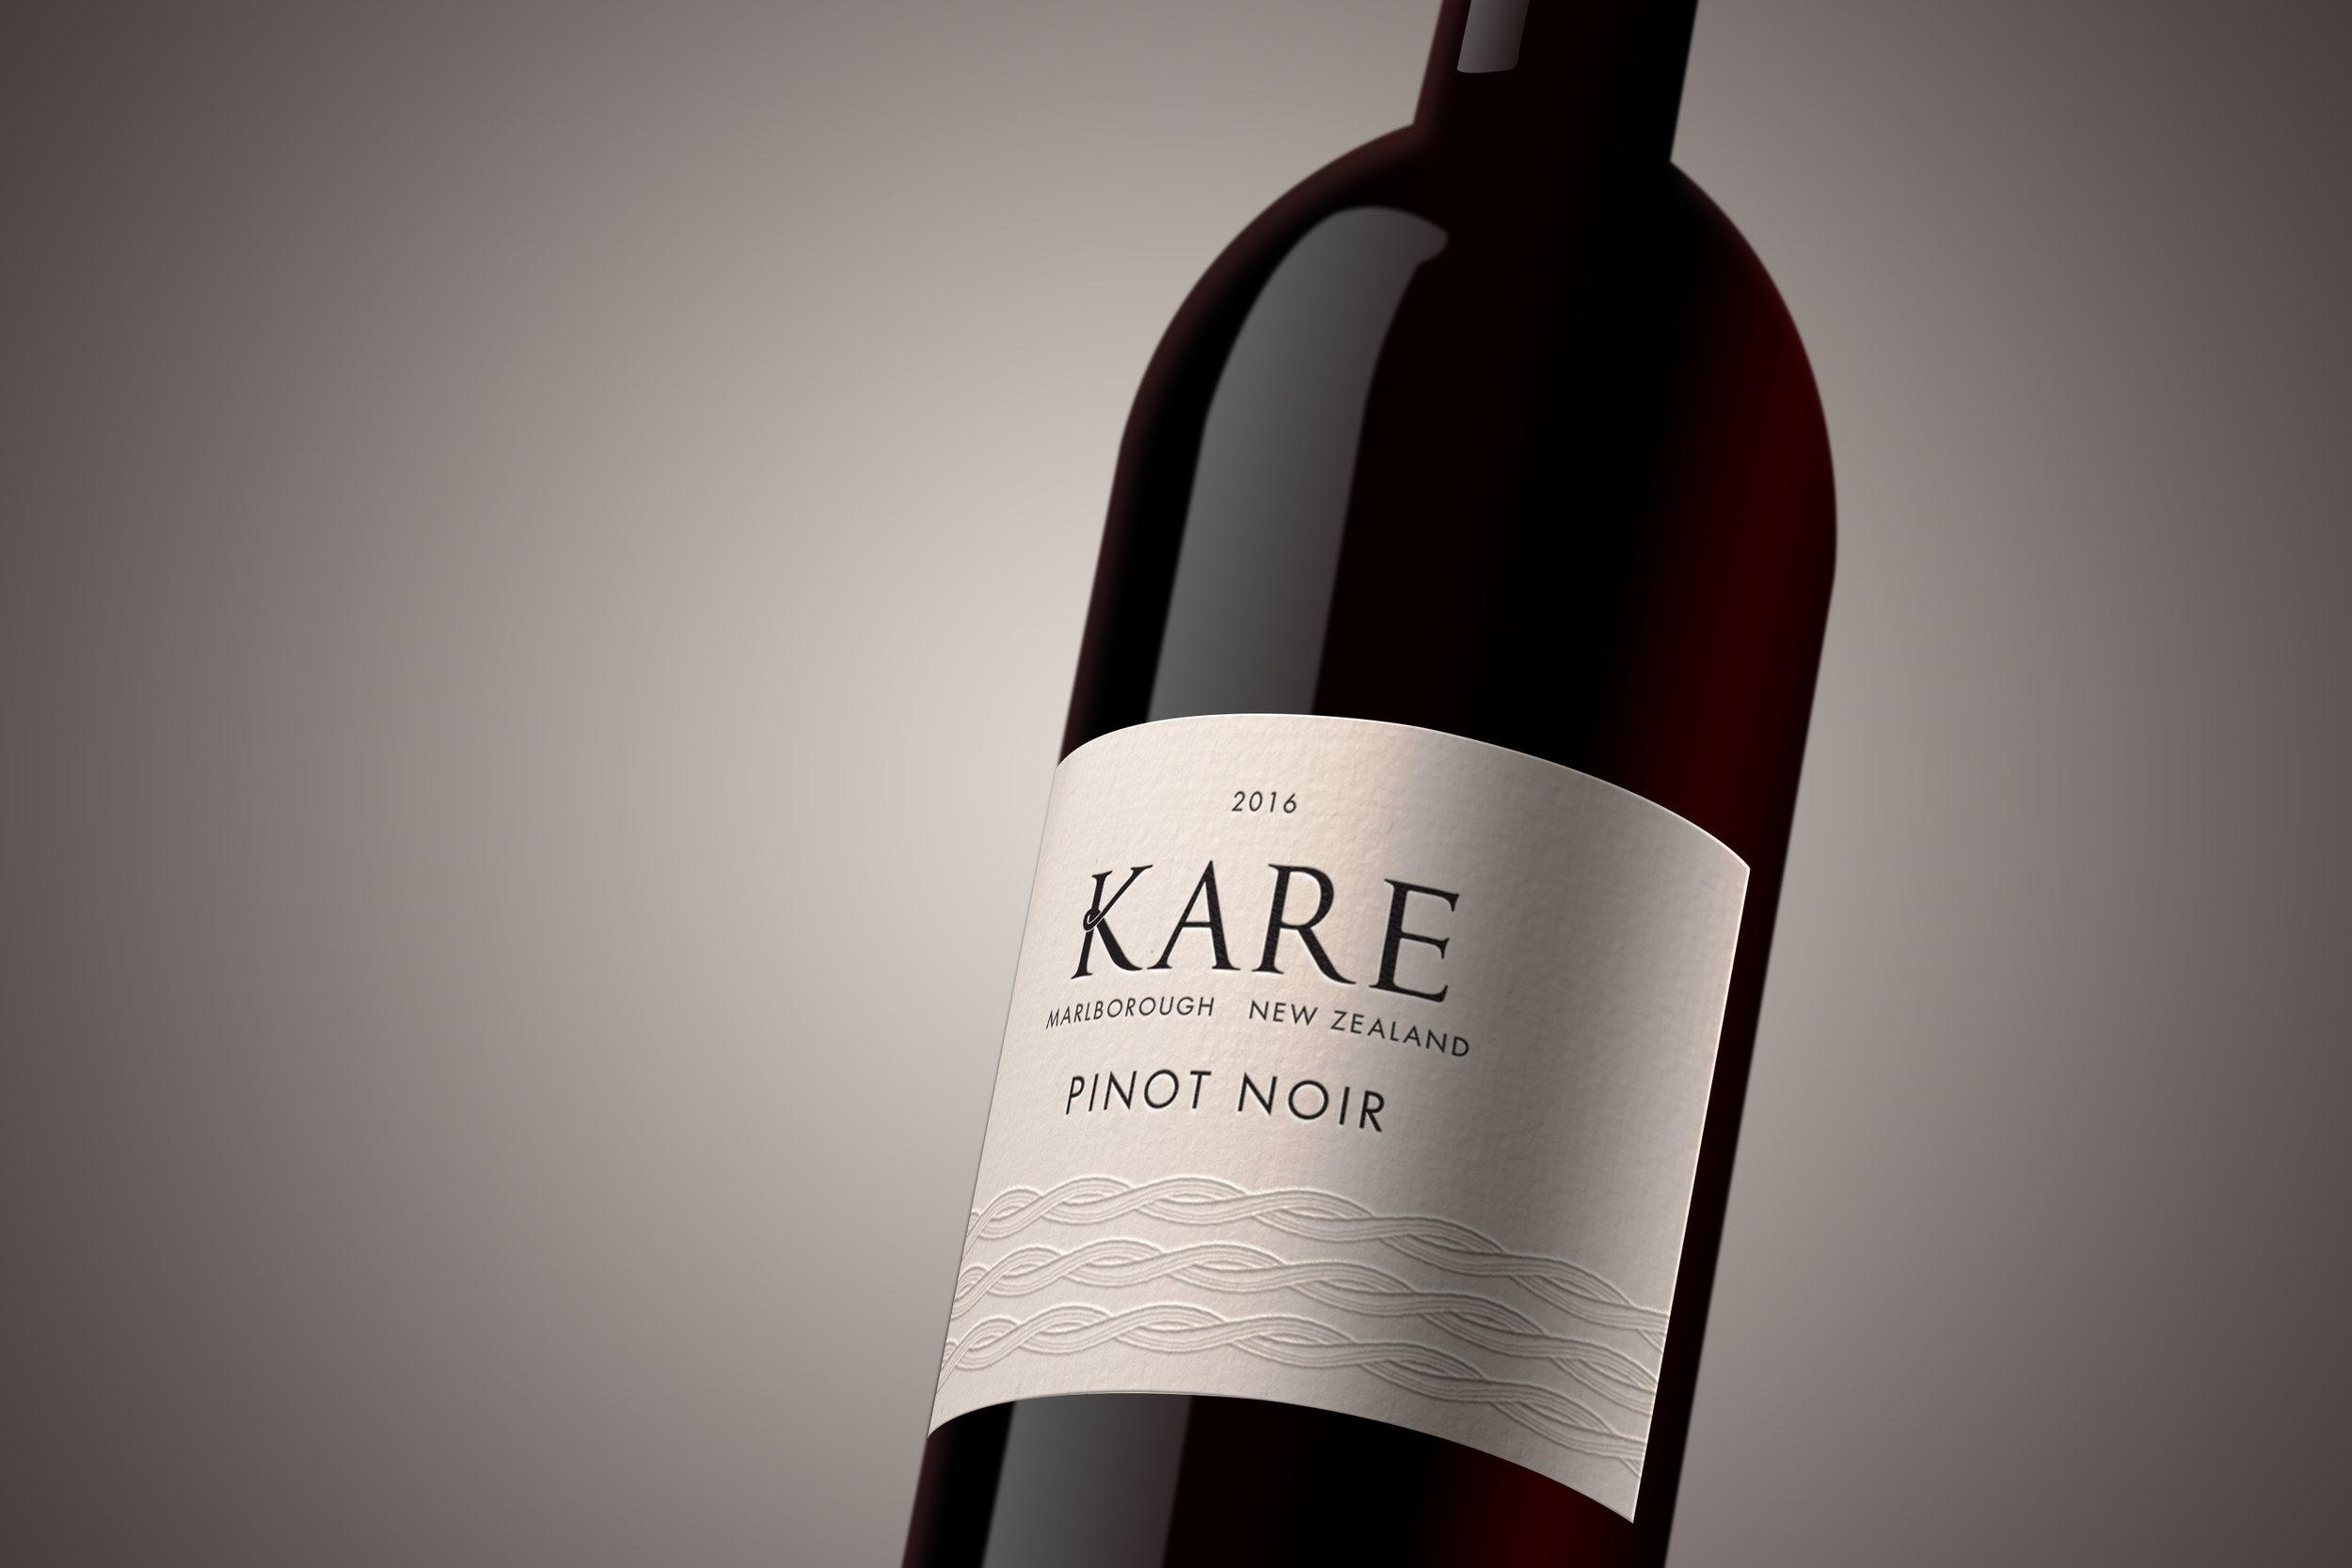 Kare PINOT-bottle-label-mockup twist.jpg